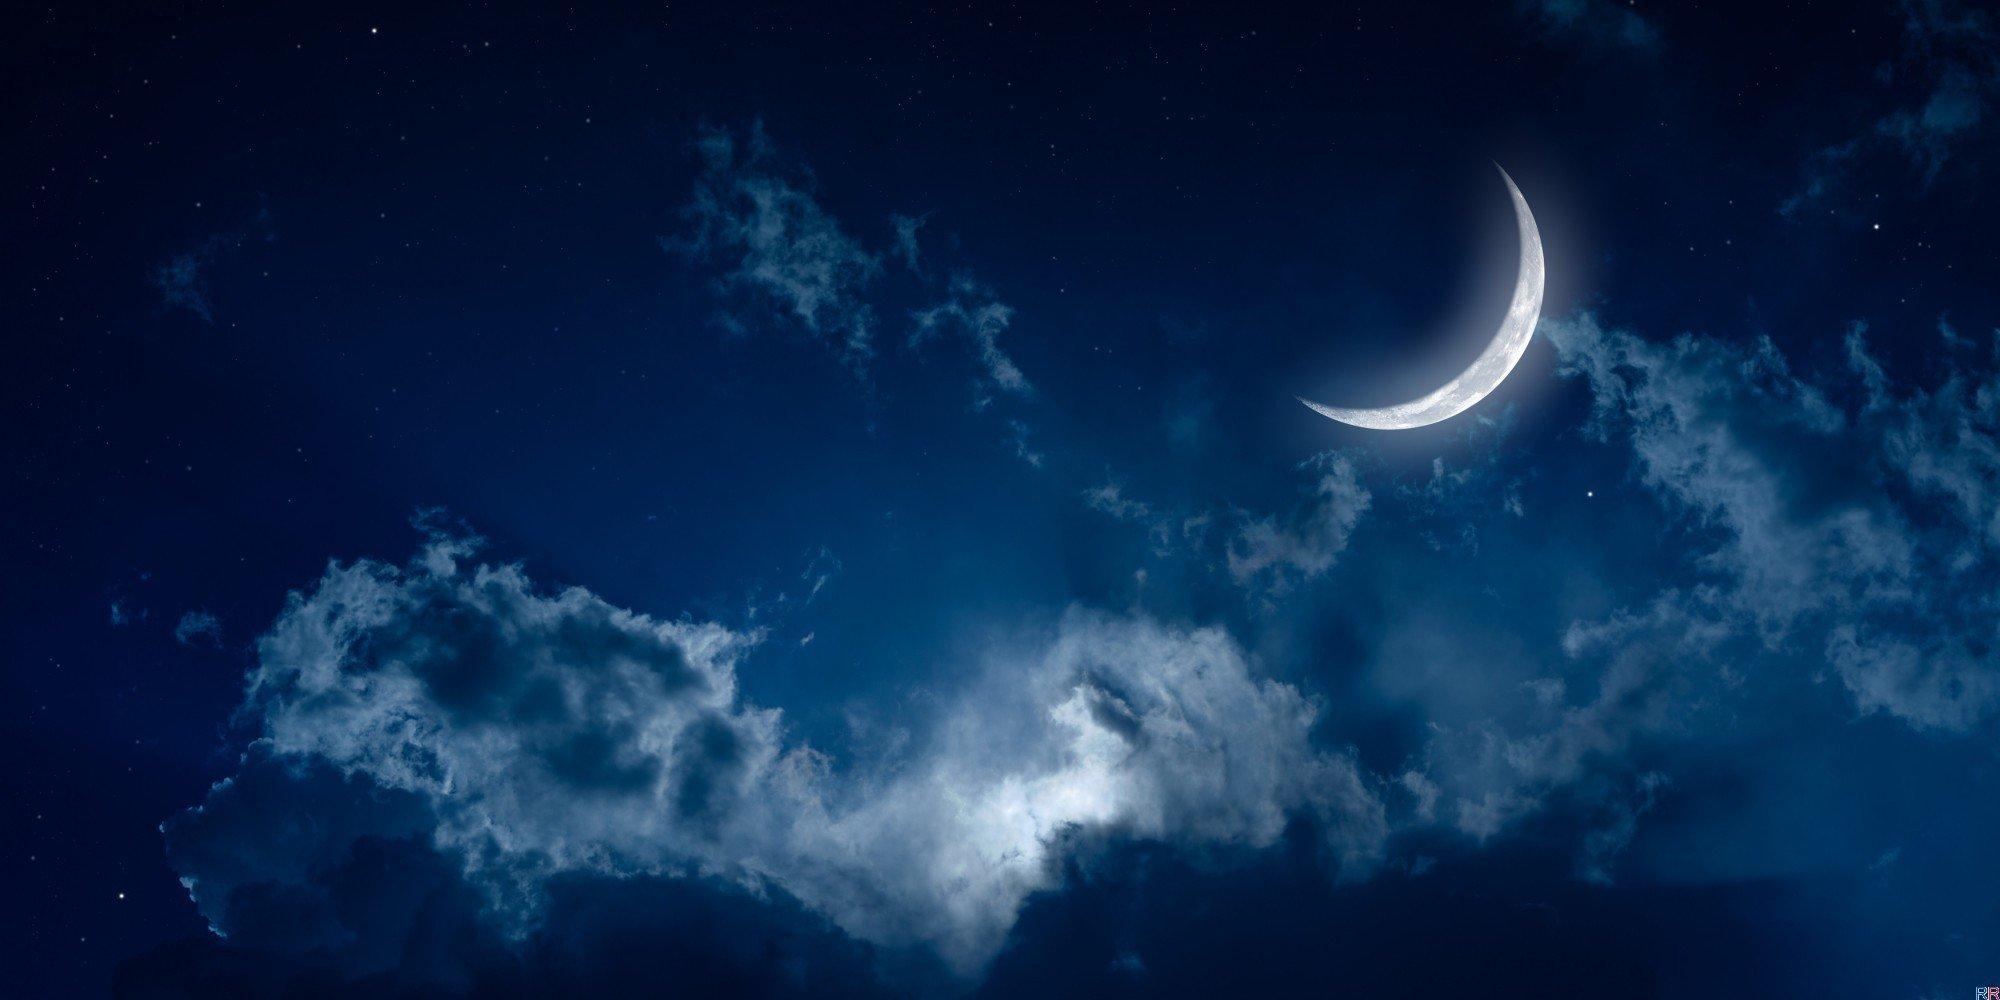 Liefdespreuk op de volle maanliefde van een man